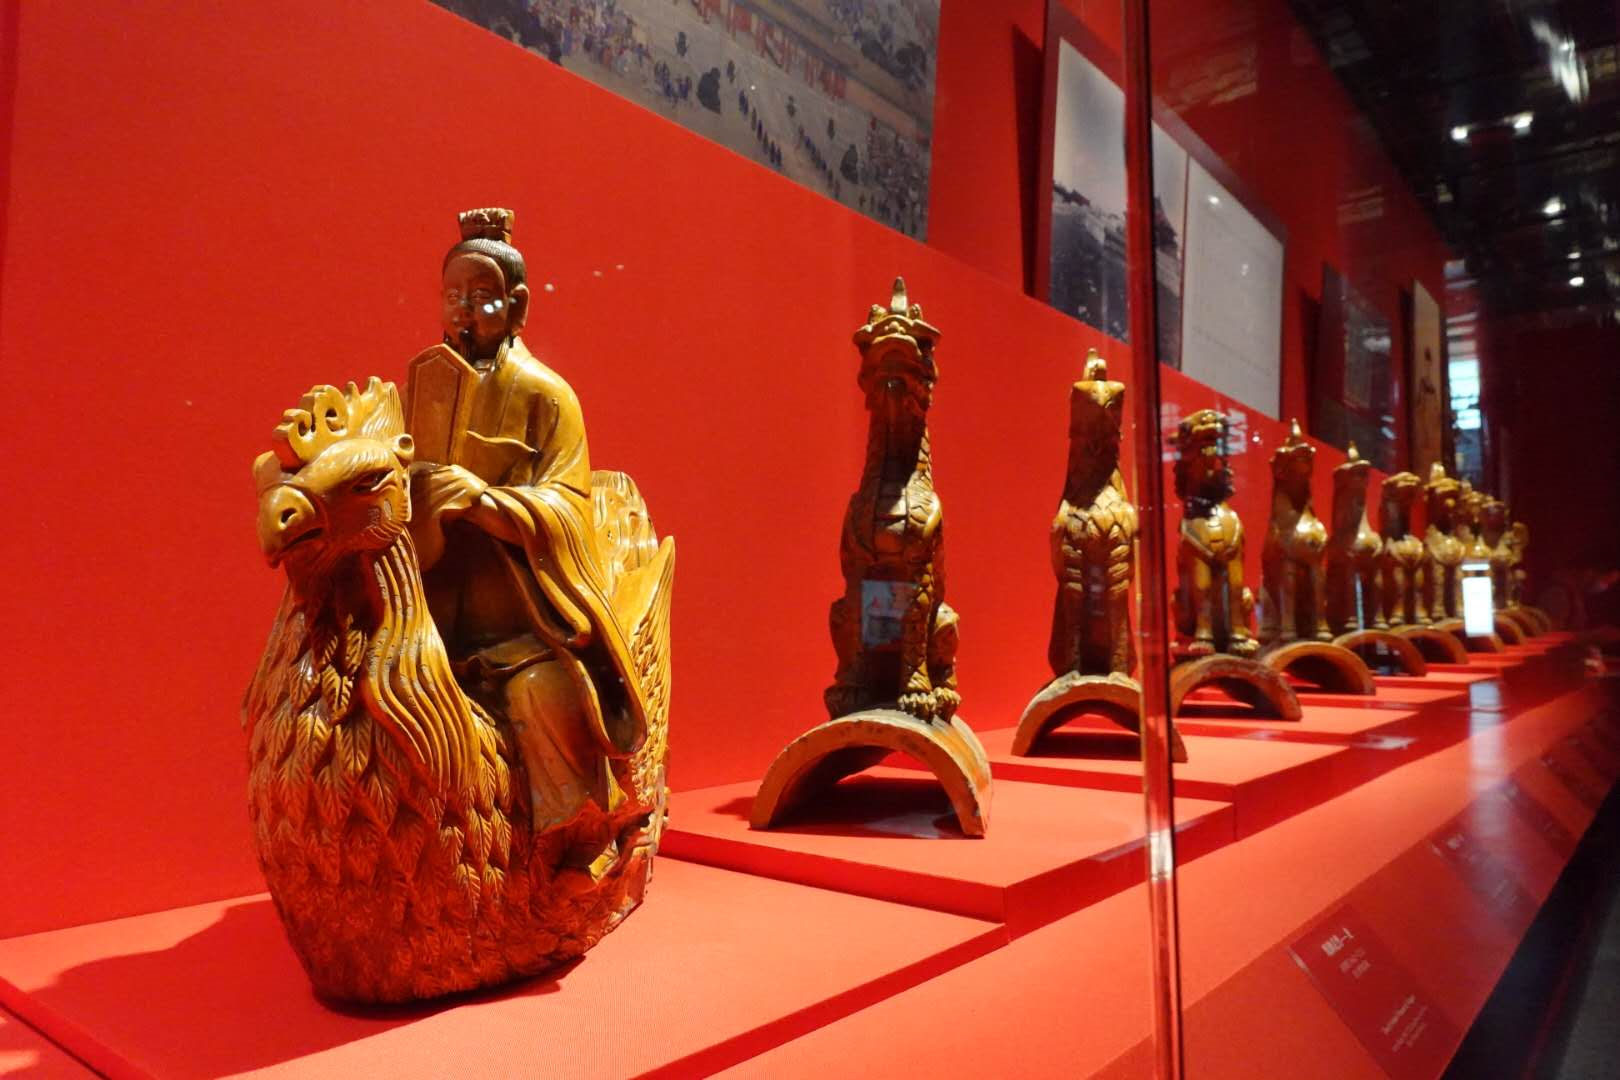 紫禁城建成六百年大展登场 深宫漆纱两百年来首展出_图2-4